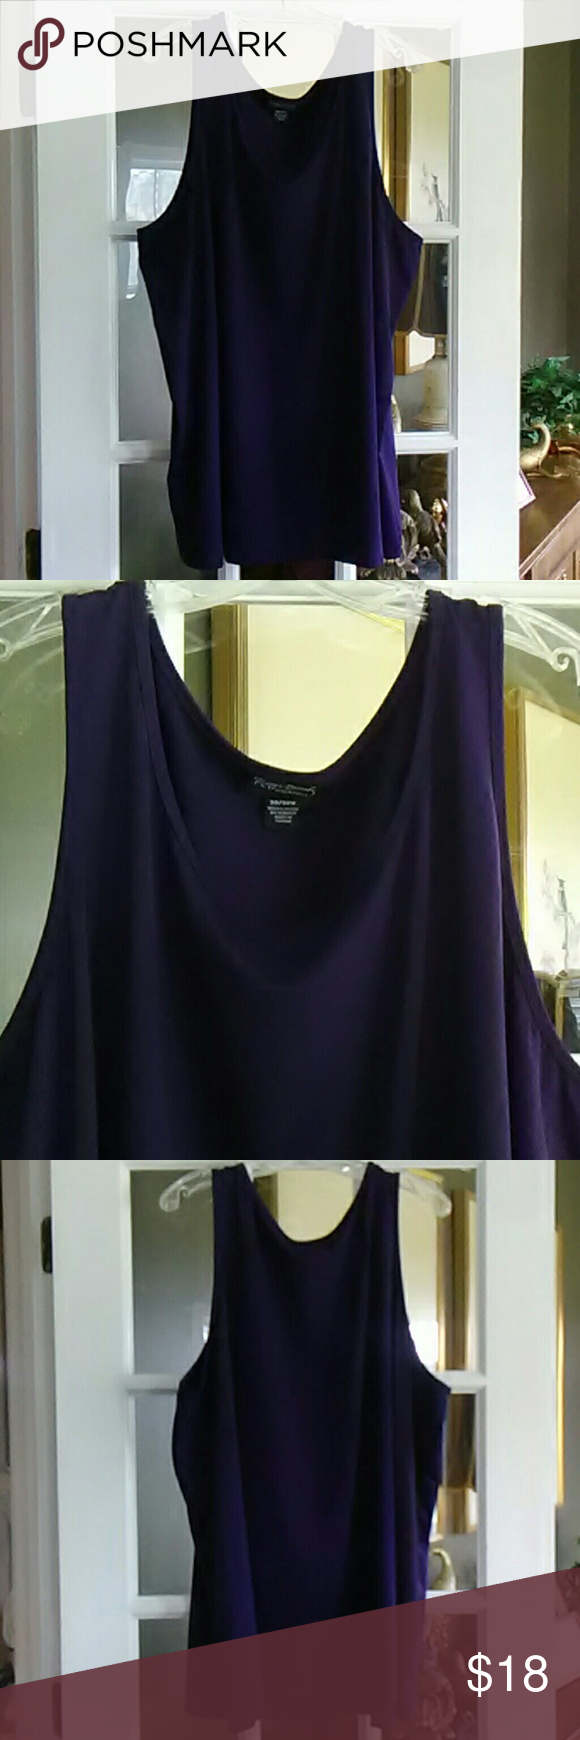 Maggie Barnes Shirt In 2020 Shirts Barnes Women Shopping